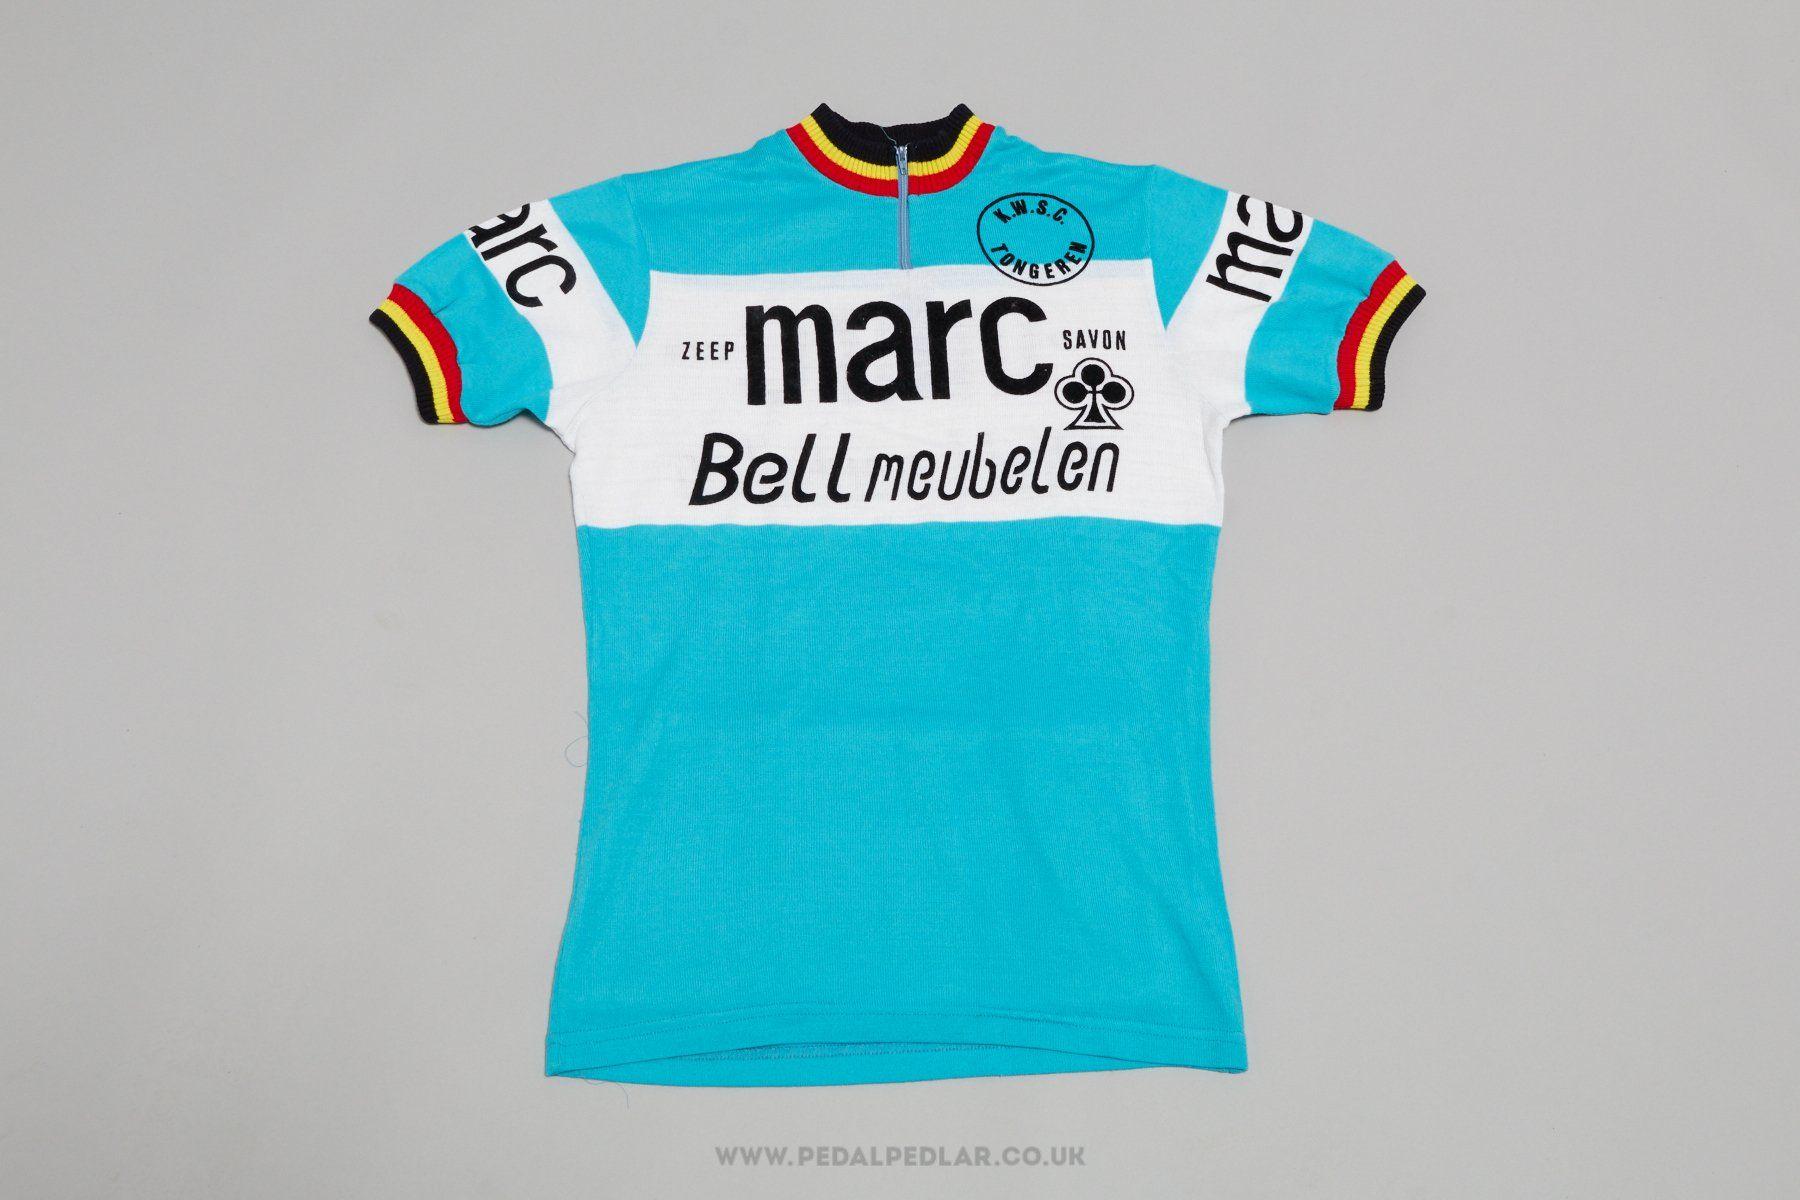 7d0602722 Colnago Zeep Marc Savon - Bell Meubelen - Vintage Cycling Jersey - Pedal  Pedlar